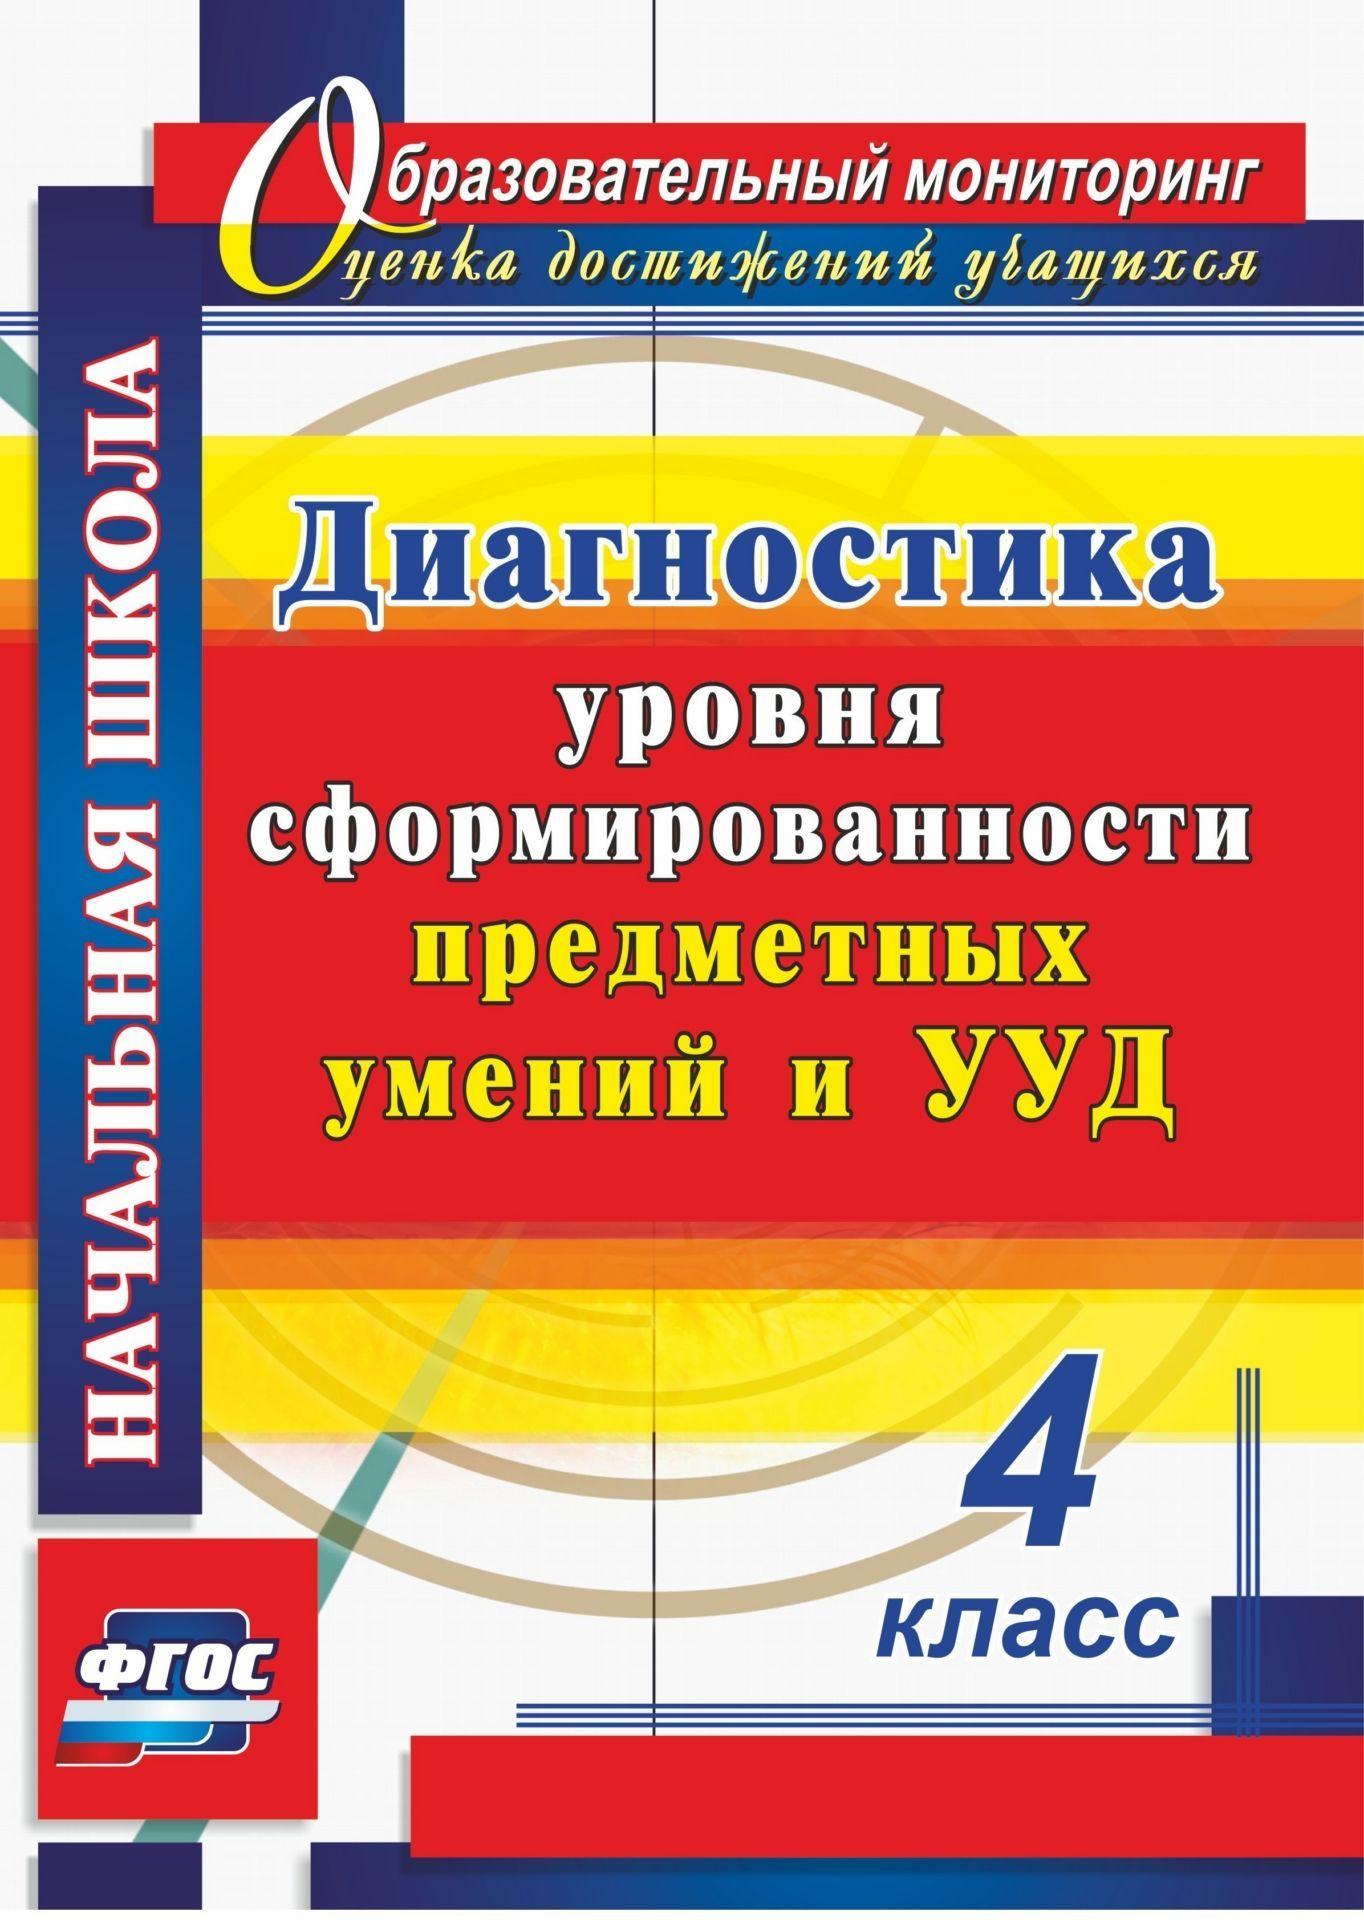 Диагностика уровня сформированности предметных умений и УУД. 4 класс. Программа для установки через интернетПредметы<br>В пособии предложены контрольные работы с ответами по русскому языку, литературному чтению, математике, окружающему миру для 4 класса, составленные в соответствии с ФГОС НОО и представленные в форме тестов с разноуровневыми заданиями. Определить уровень с...<br><br>Авторы: Исакова О. А., Лаврентьева Т.М.<br>Год: 2017<br>Серия: Образовательный мониторинг. Оценка достижений учащихся